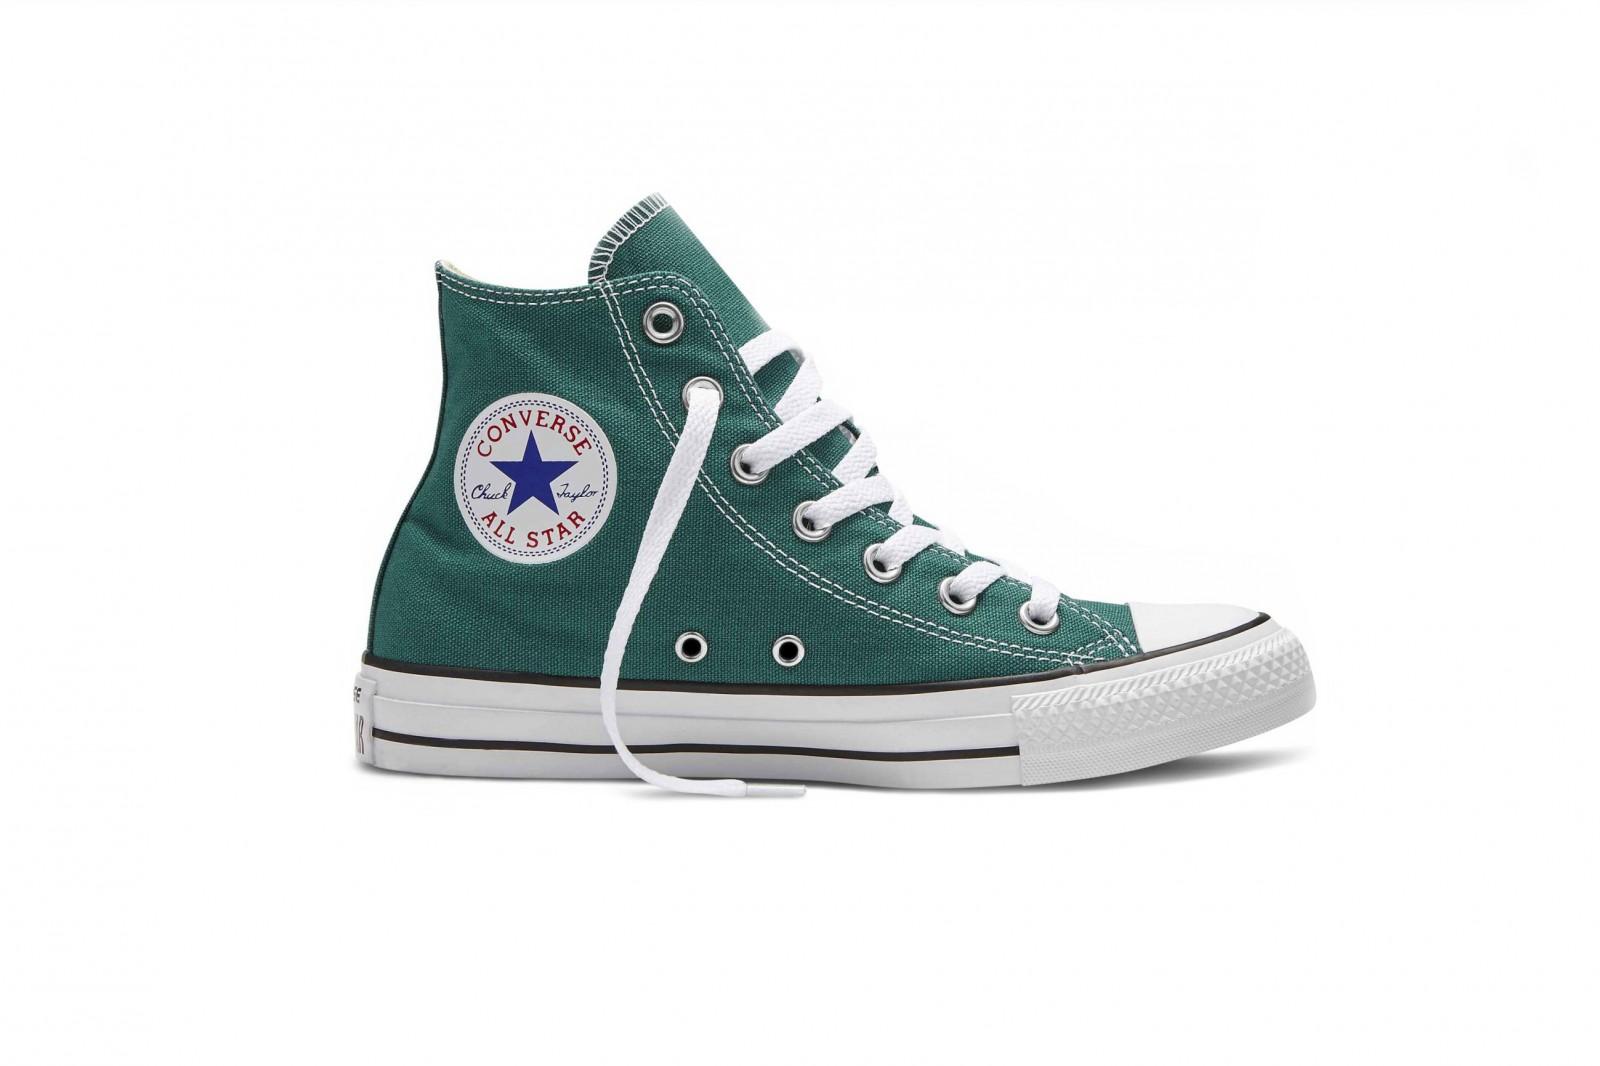 Unisex kotníkové boty Converse Chuck Taylor All Star zelené  b7a447b86d3